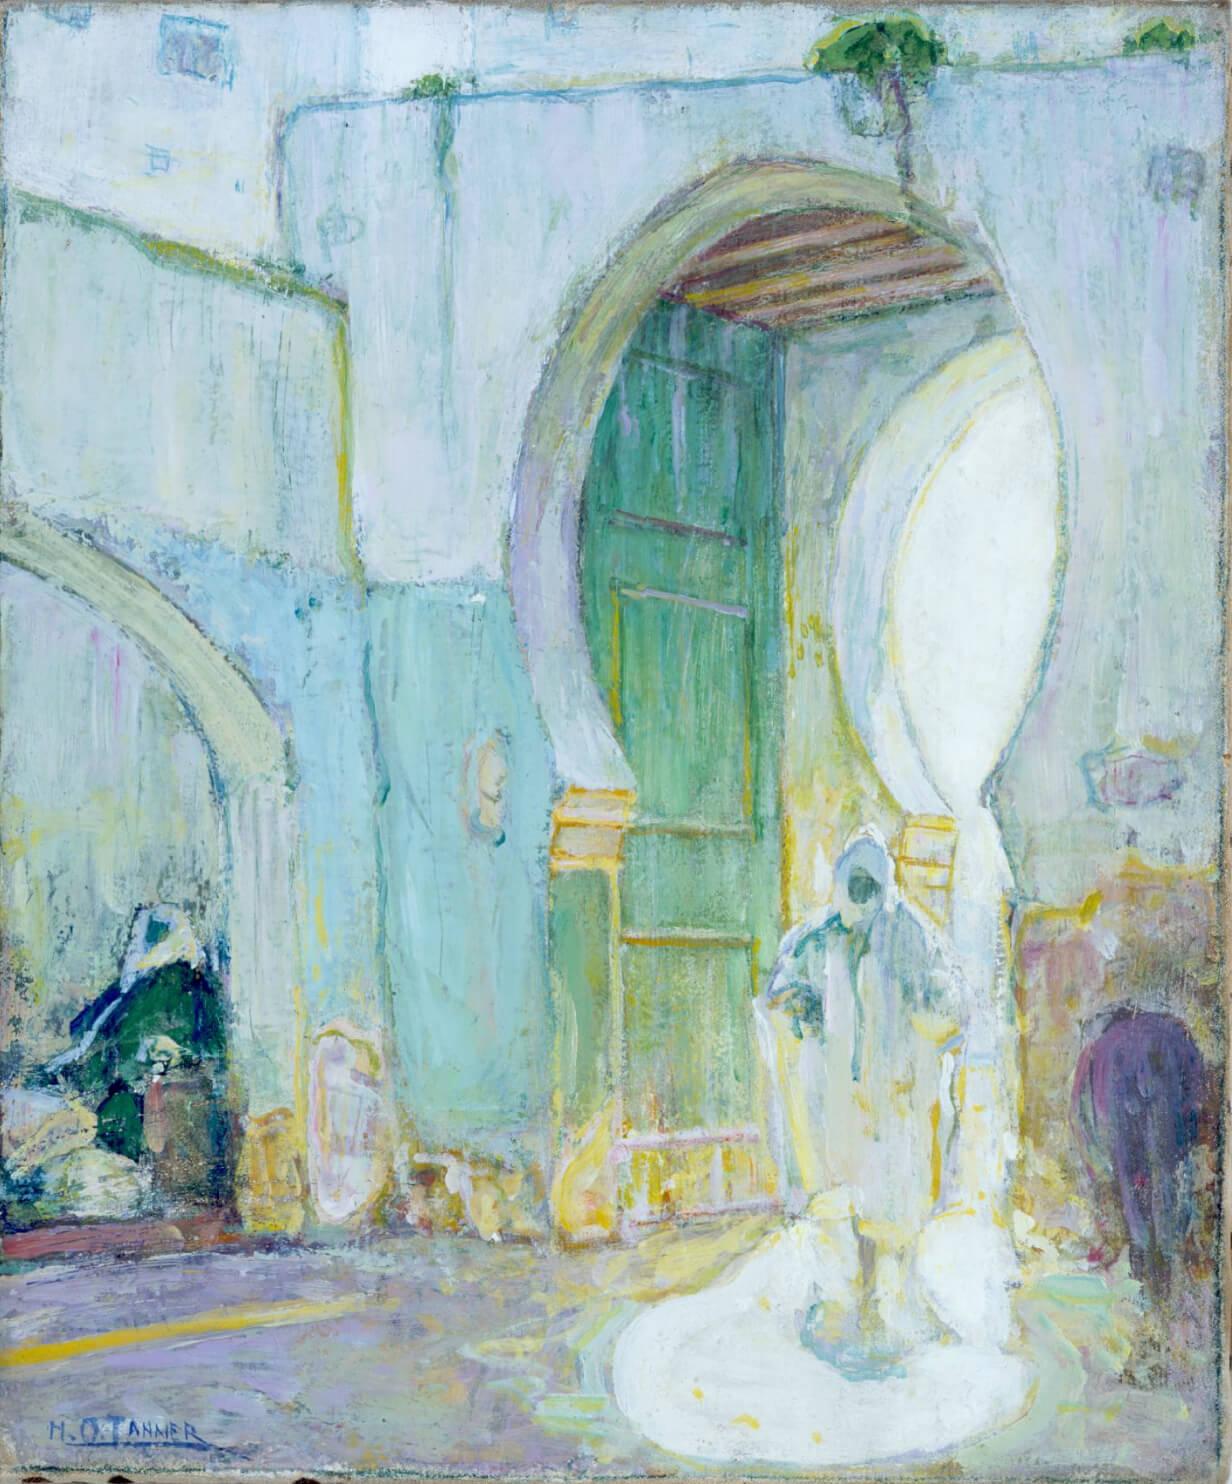 Pintura verde-azul de Henry Ossawa Tanner